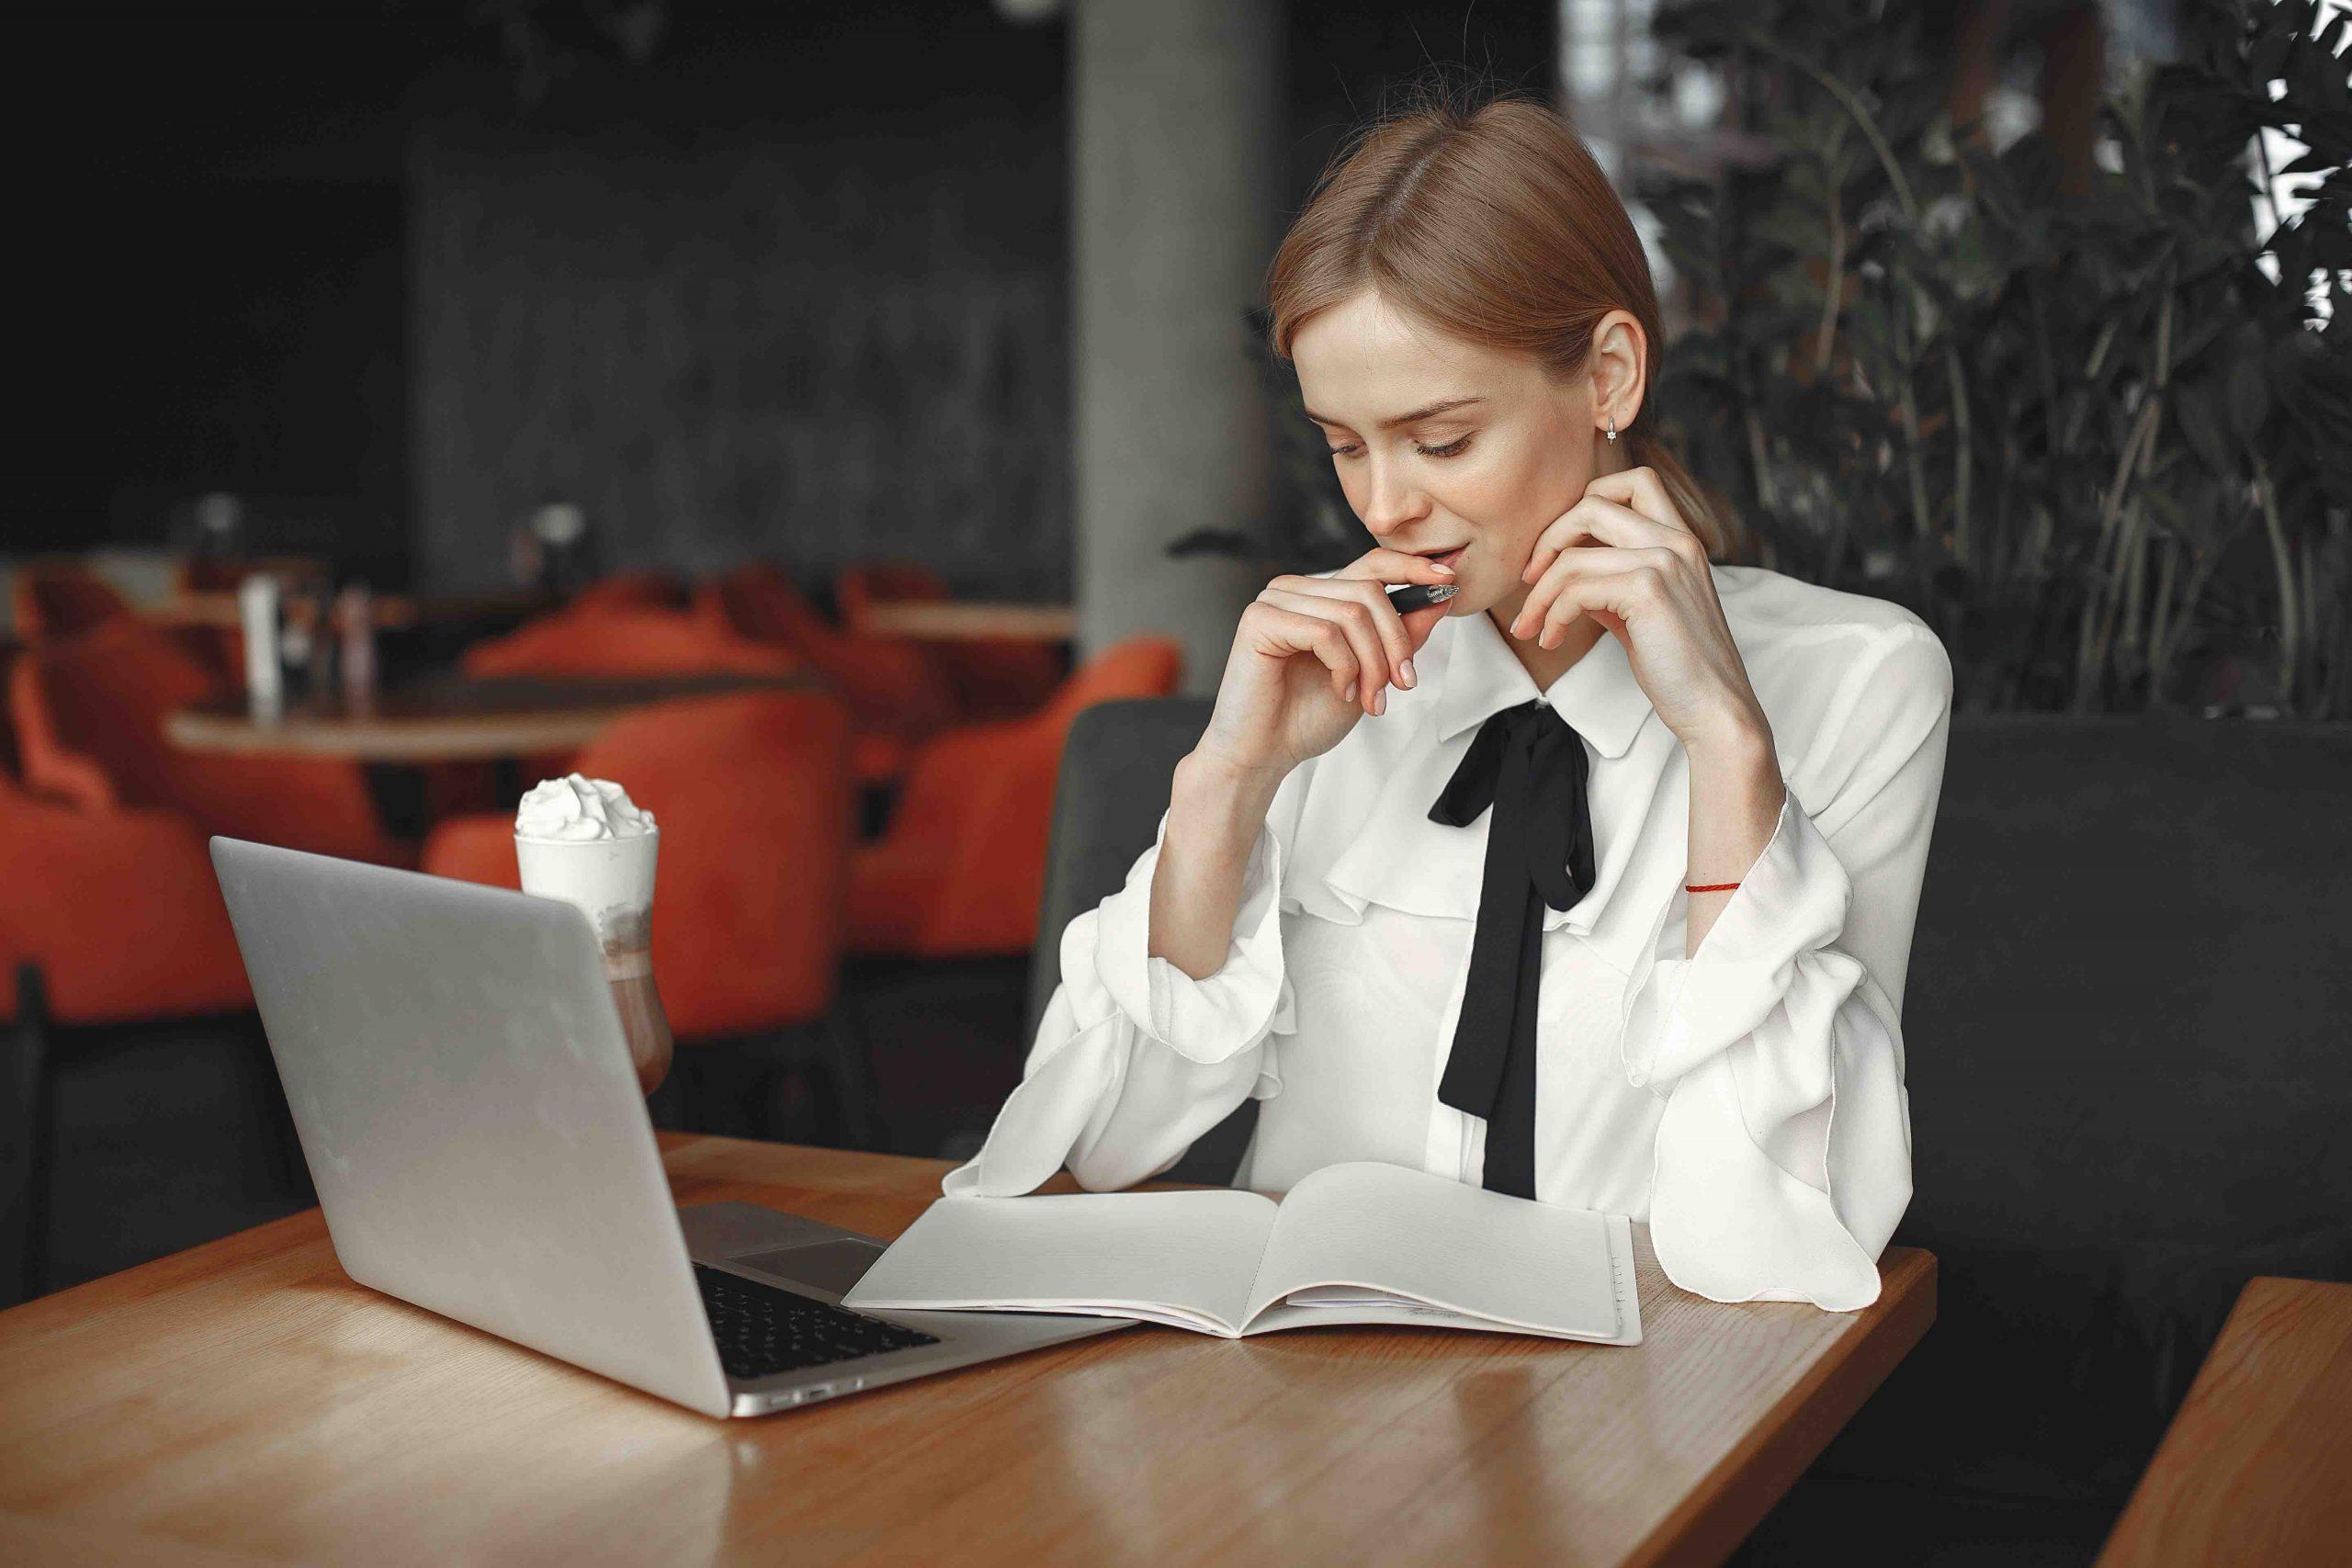 cung hoàng đạo cô gái áo trắng ngồi làm việc